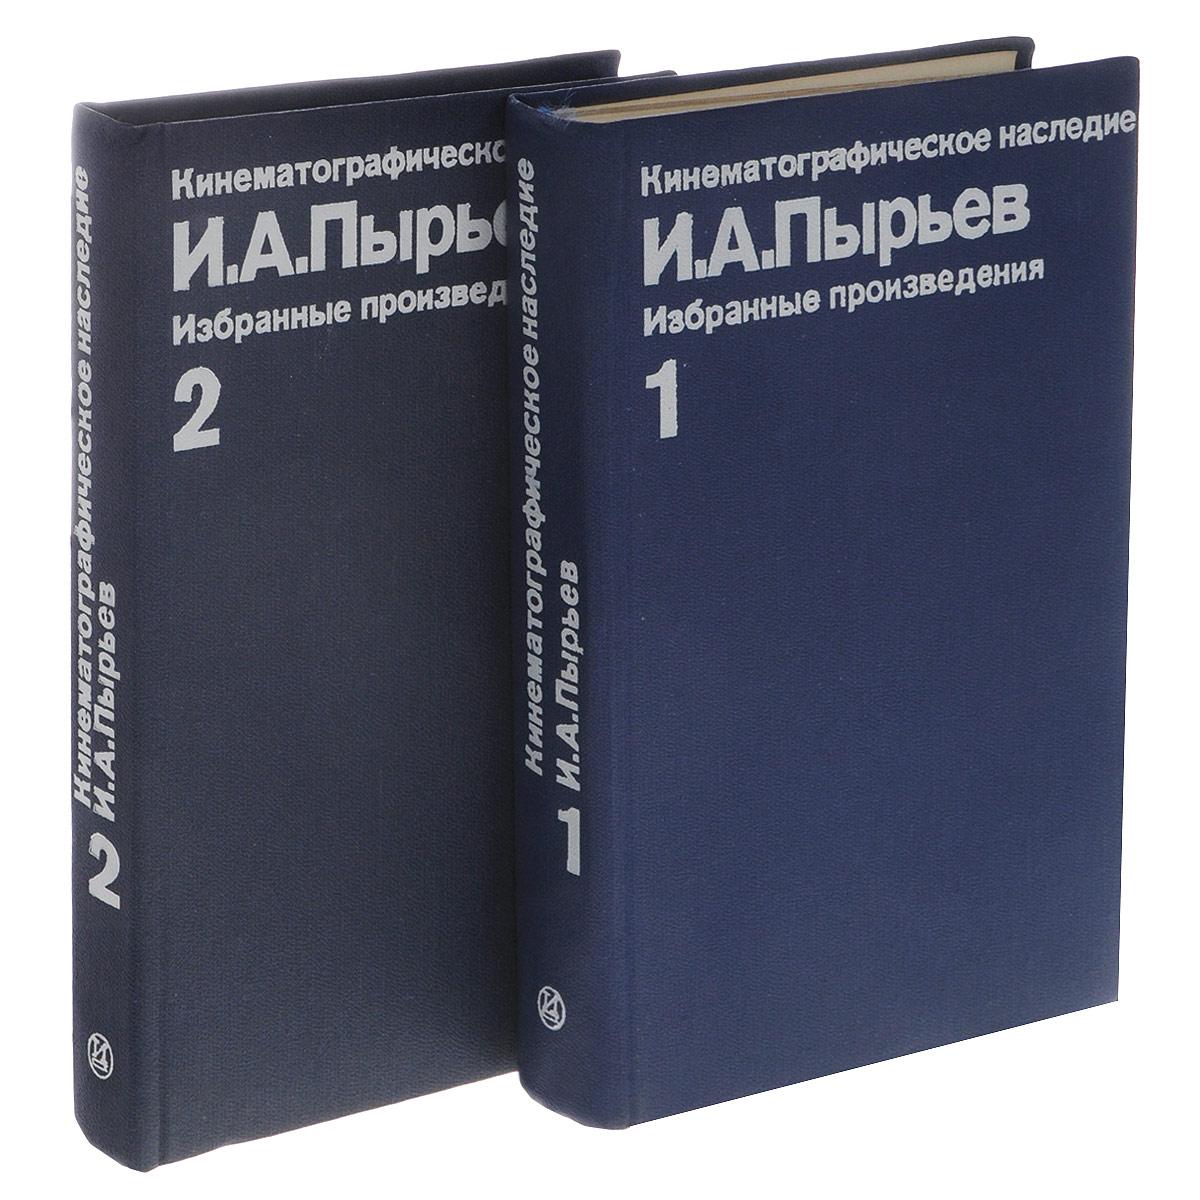 И. А. Пырьев. Избранные произведения в 2 томах (комплект)